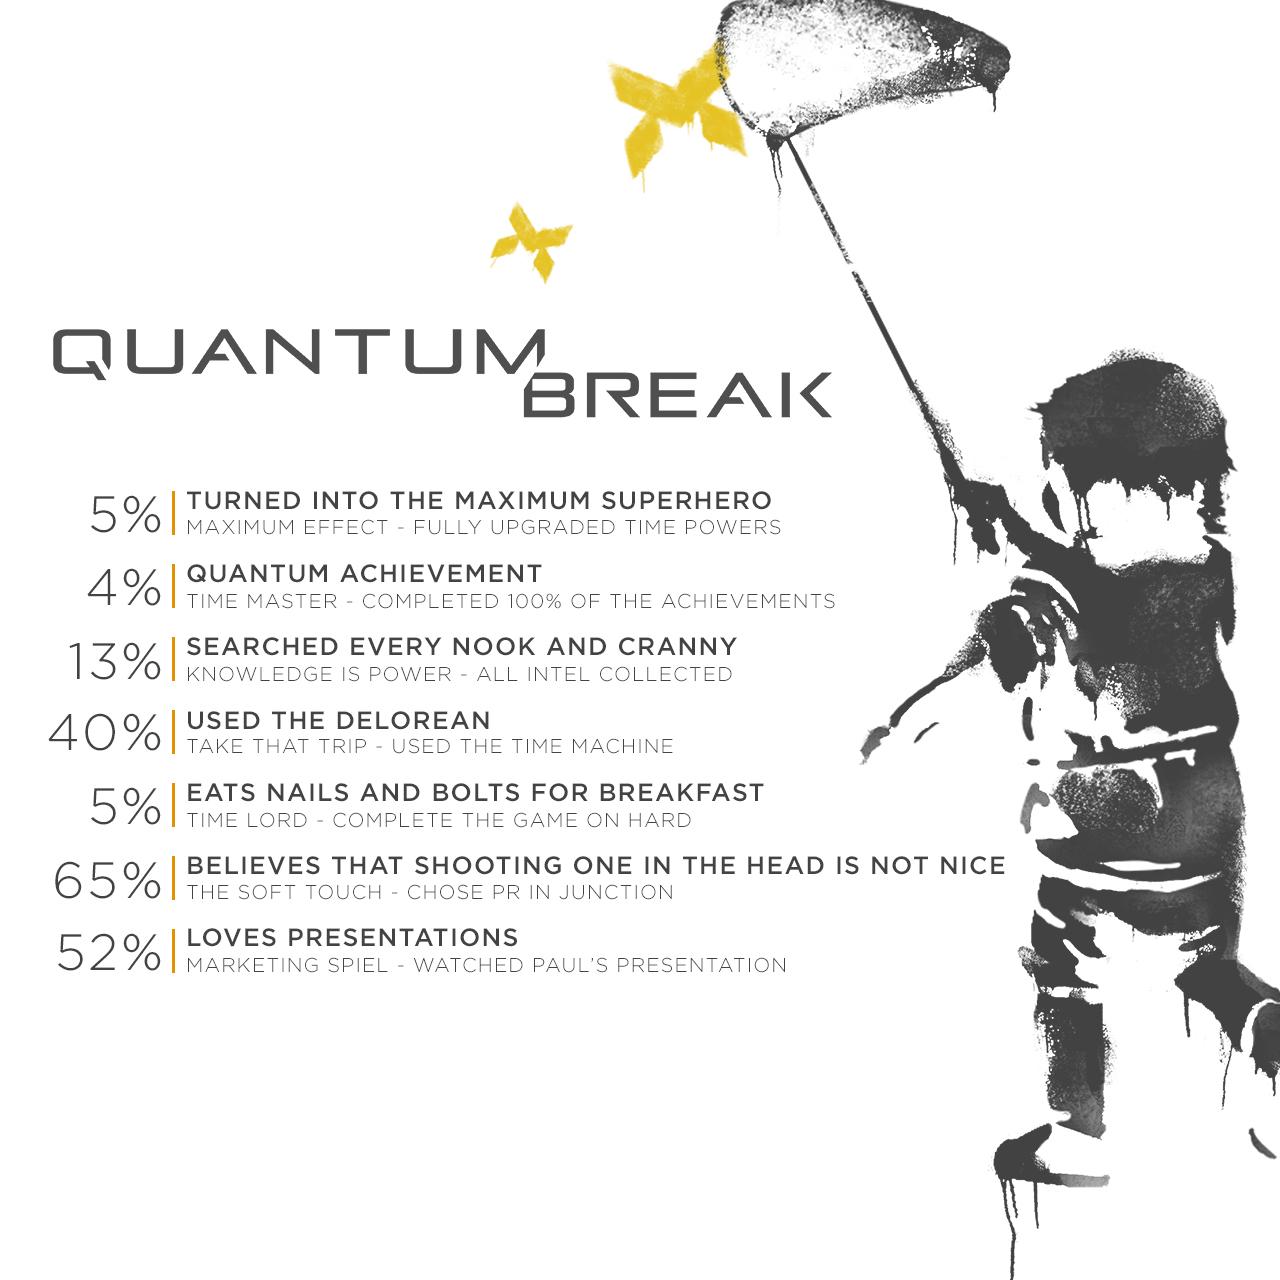 QuantumBreak StatsAnniv